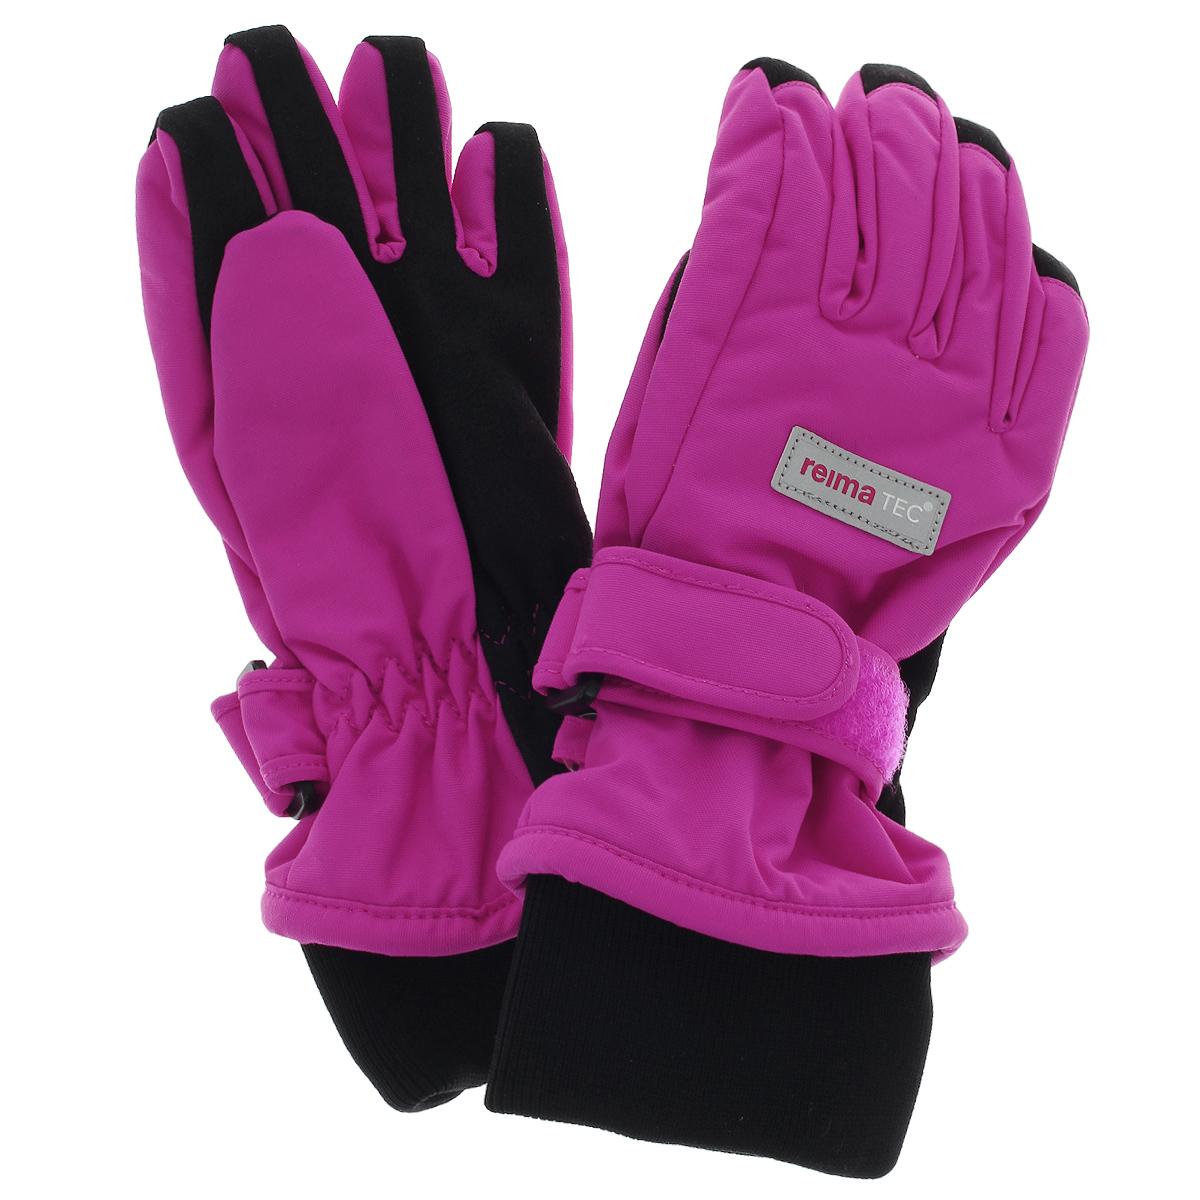 Перчатки детские. 527163527163_9990Детские перчатки Reimatec, изготовленные из мембранной ткани с водо- и ветрозащитным покрытием, станут идеальным вариантом для холодной зимней погоды. На подкладке используется мягкий флис, который хорошо удерживает тепло. Для большего удобства на запястьях перчатки дополнены эластичными трикотажными манжетами и хлястиками на липучках с внешней стороны, а на ладошках, кончиках пальцев и с внутренней стороны большого пальца - усиленными вставками Hipora. С внешней стороны перчатки оформлены светоотражающими нашивками в виде фирменного логотипа бренда.